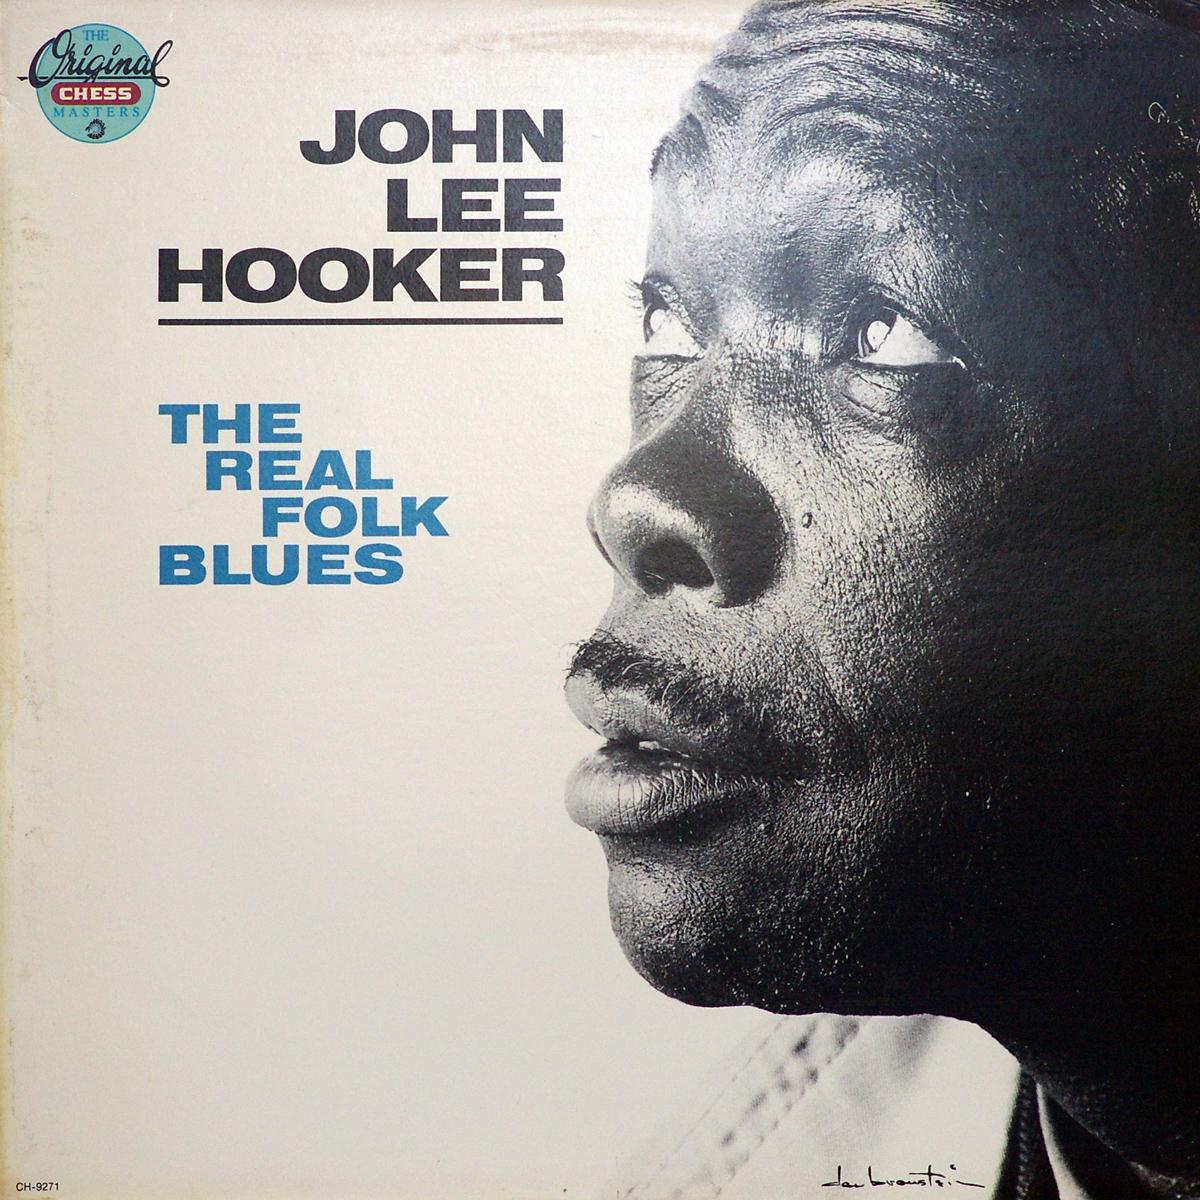 Mississippi Legend John Lee Hooker's The Real Folk Blues